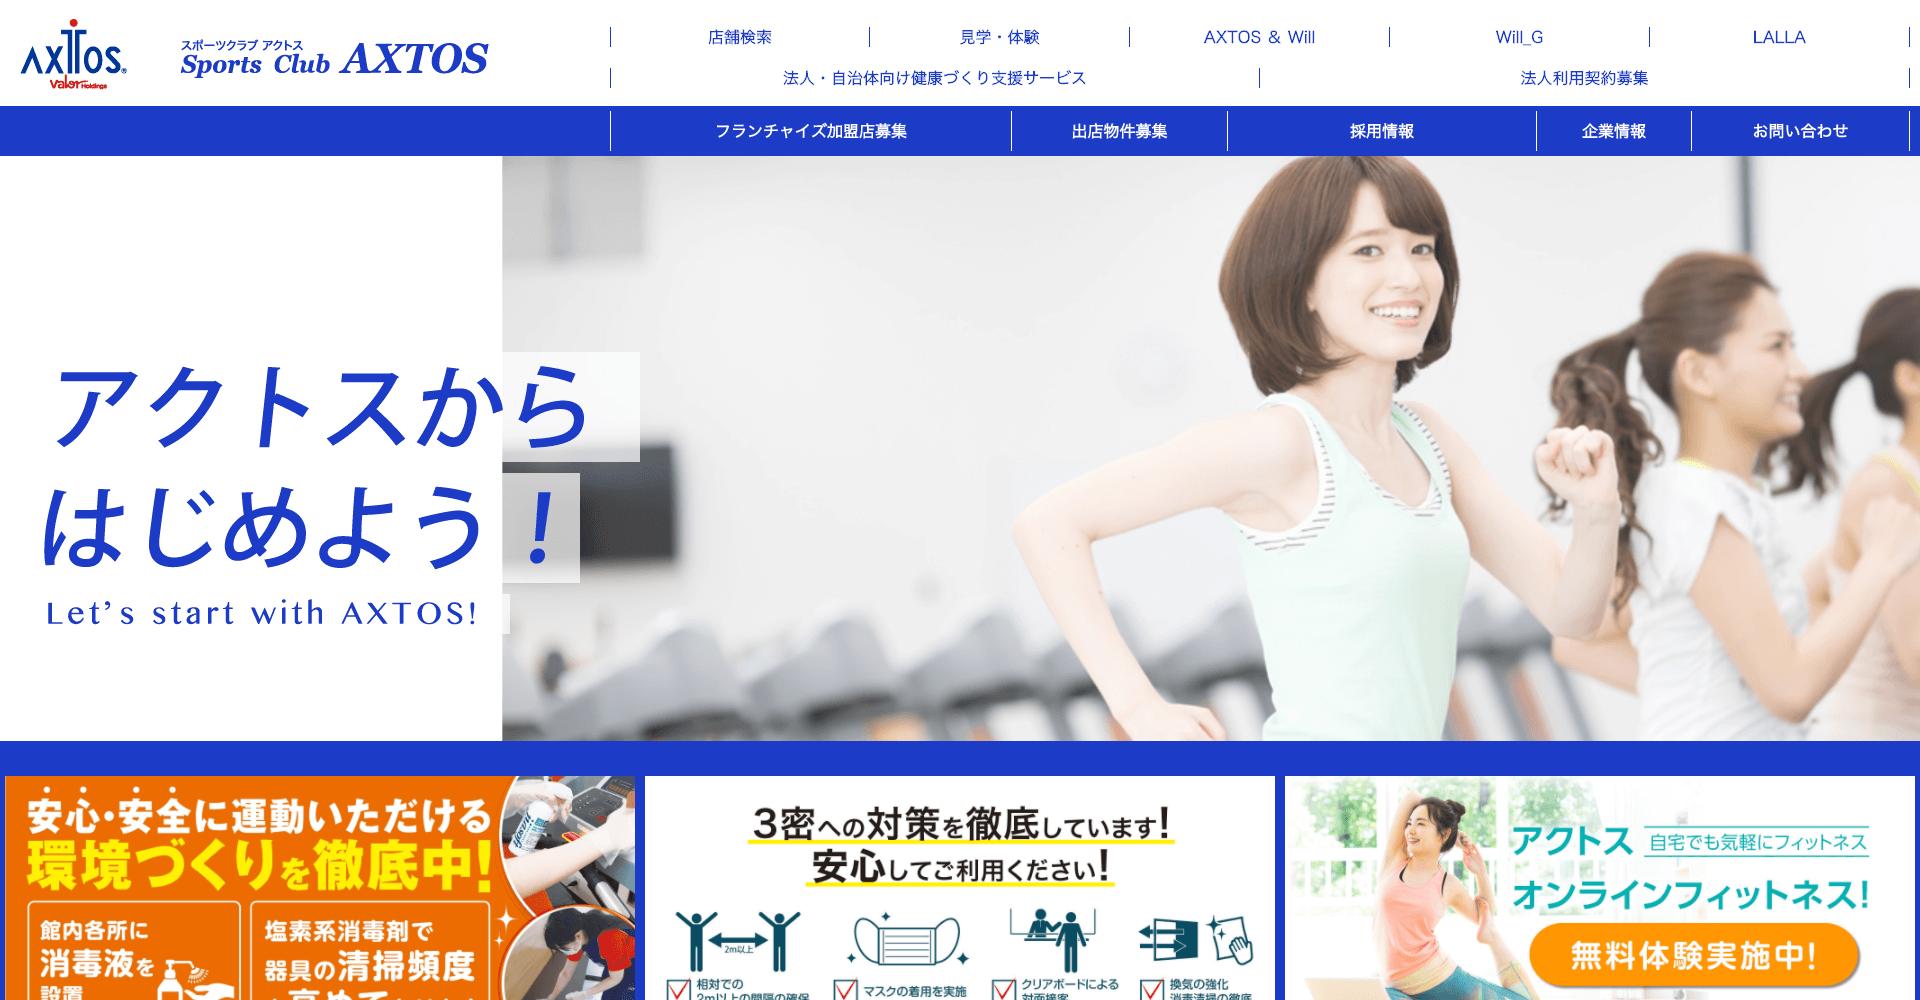 スポーツクラブ アクトス春日井